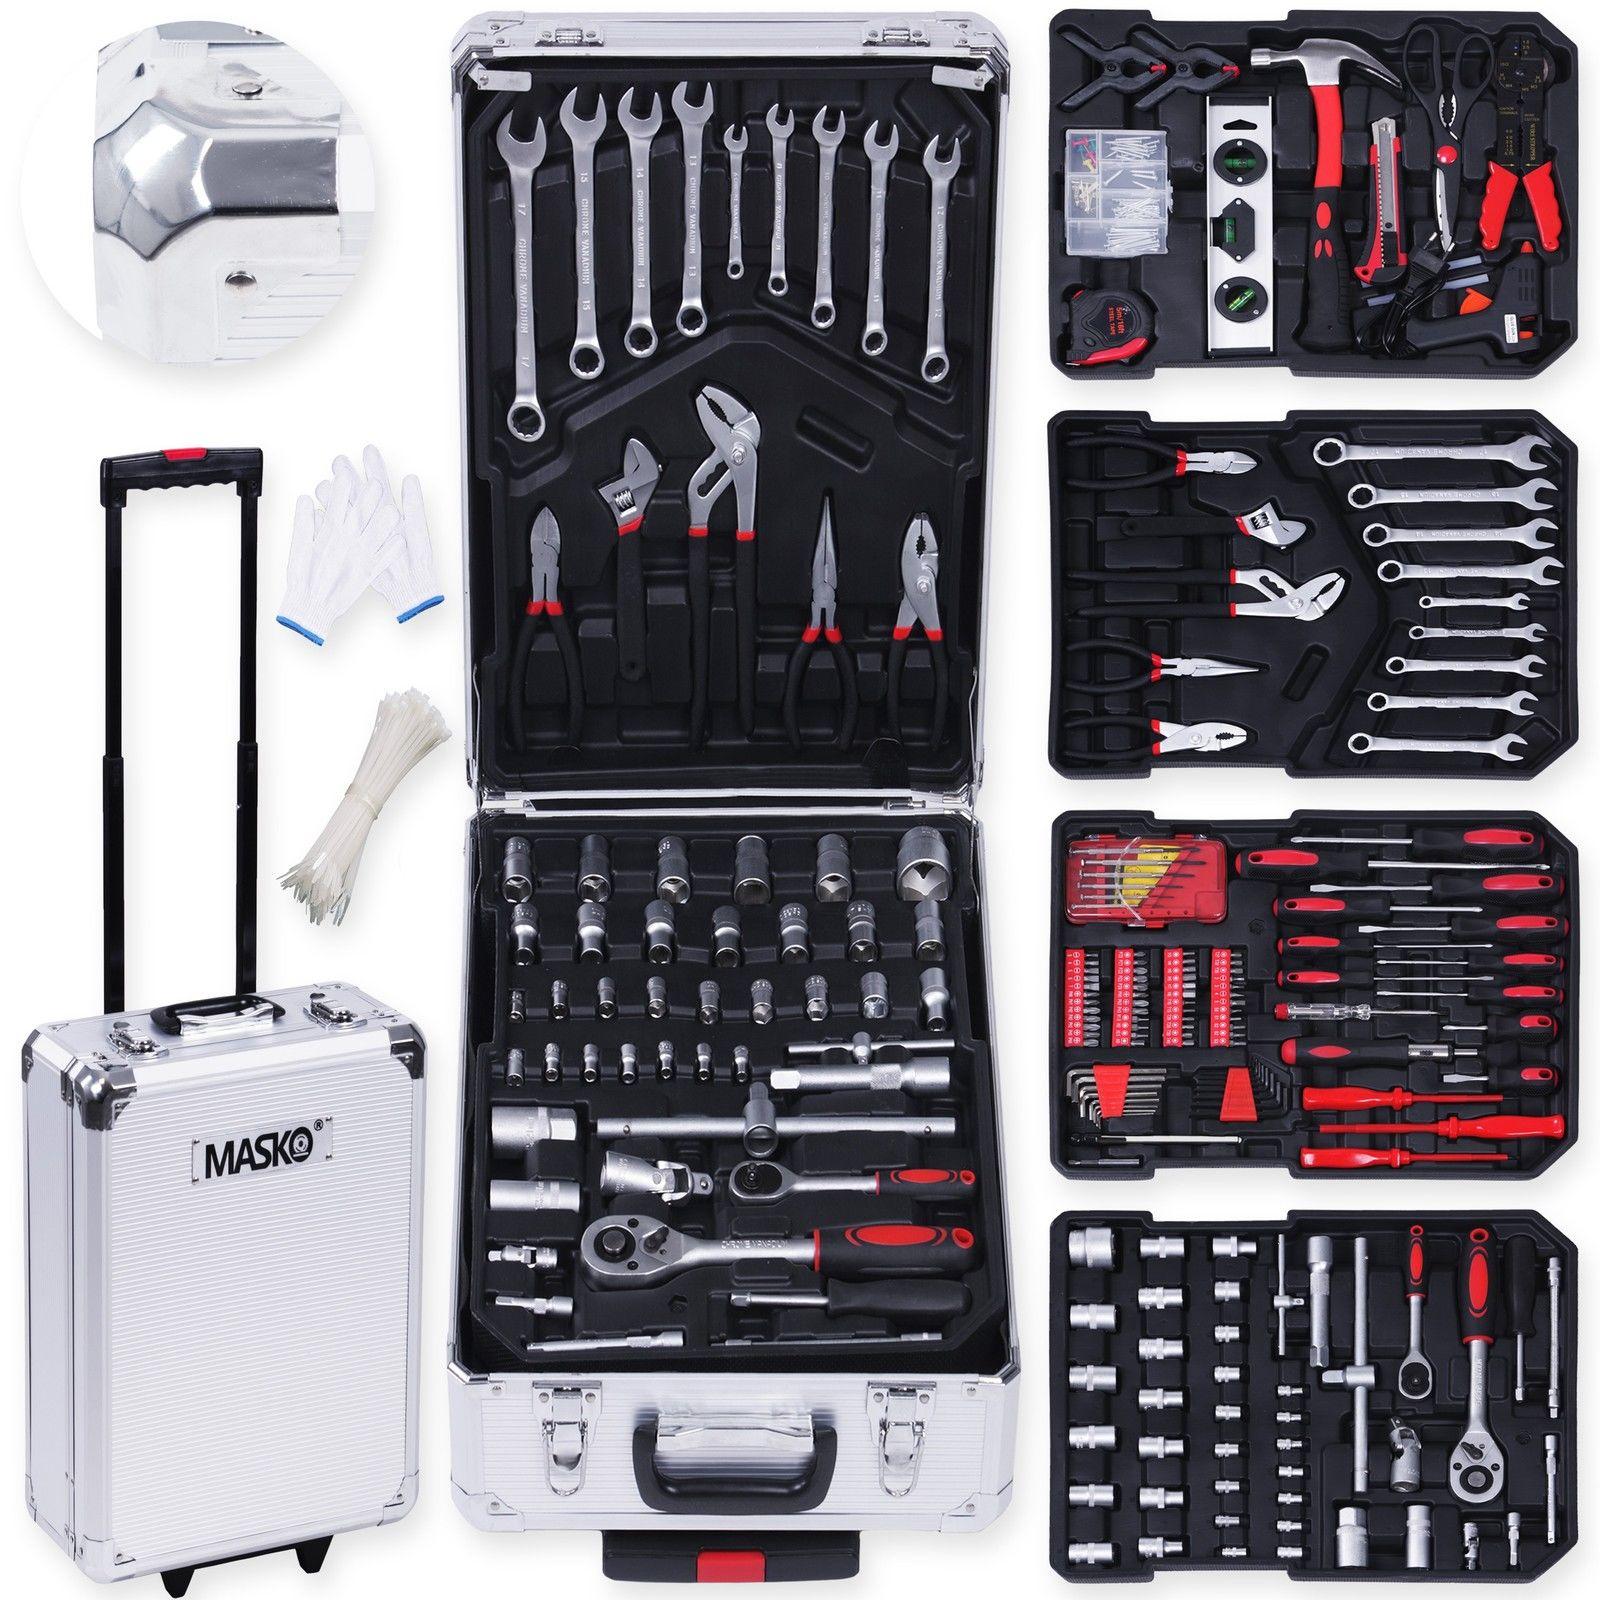 Bild zu 849-teiliger Masko Werkzeugkoffer für 62,80€ (Vergleich: 94,80€)